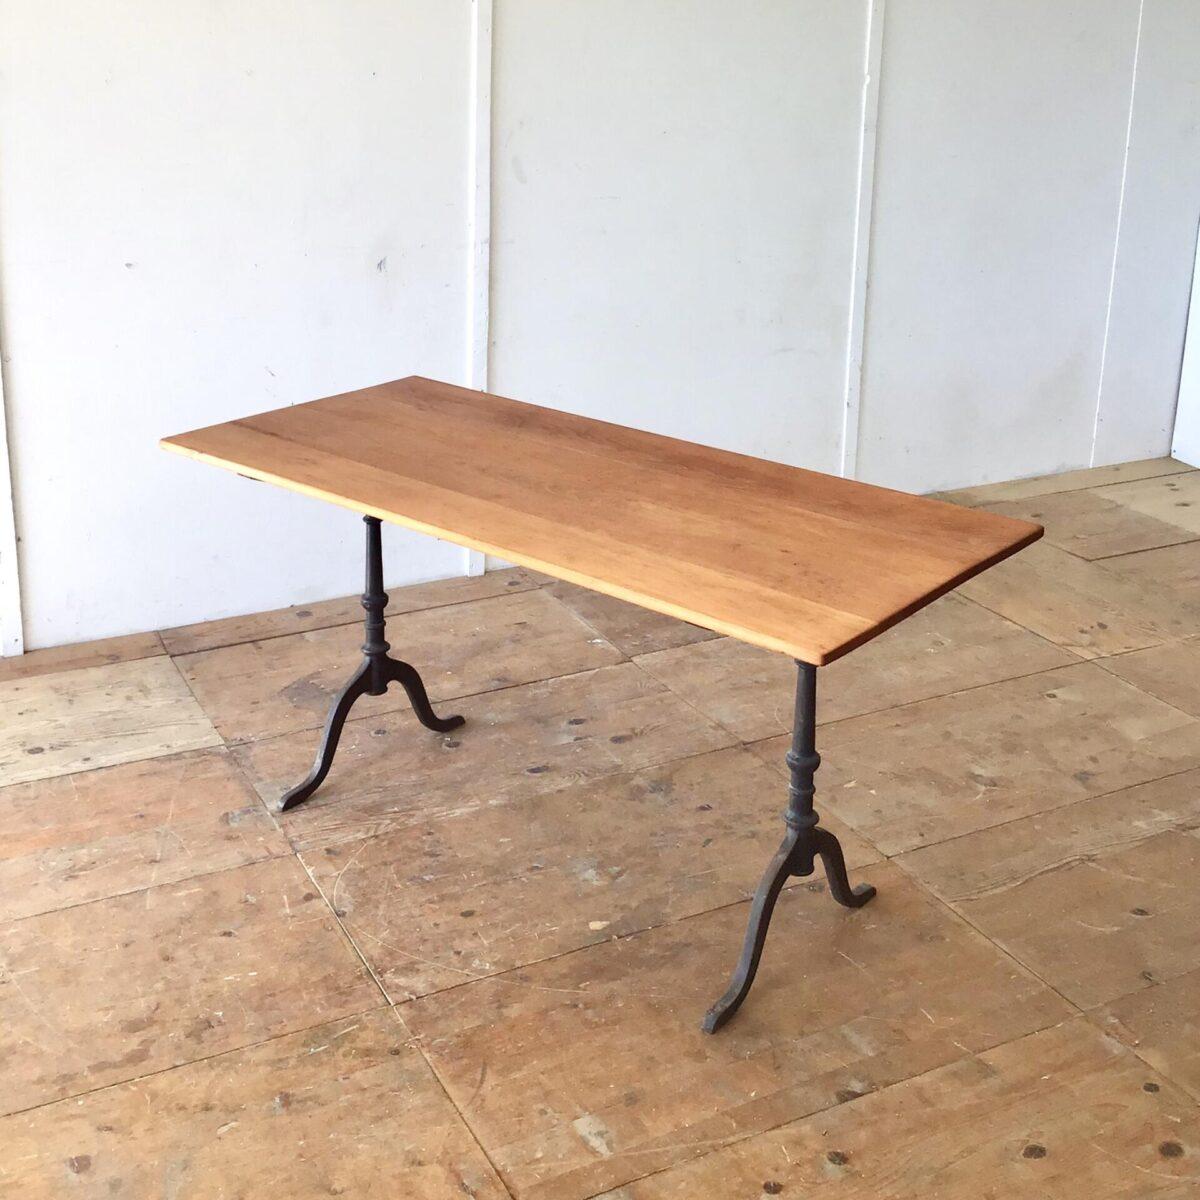 Deuxieme.shop Schöner alter Buchenholz Beizentisch mit Gussfüssen. 150x69cm Höhe 74.5cm. Das Tischblatt ist überarbeitet und mit Naturöl geölt. Der Tisch hat eine rötliche warme Ausstrahlung. Altersbedingte Patina und leicht geschüsselte Tischoberfläche.